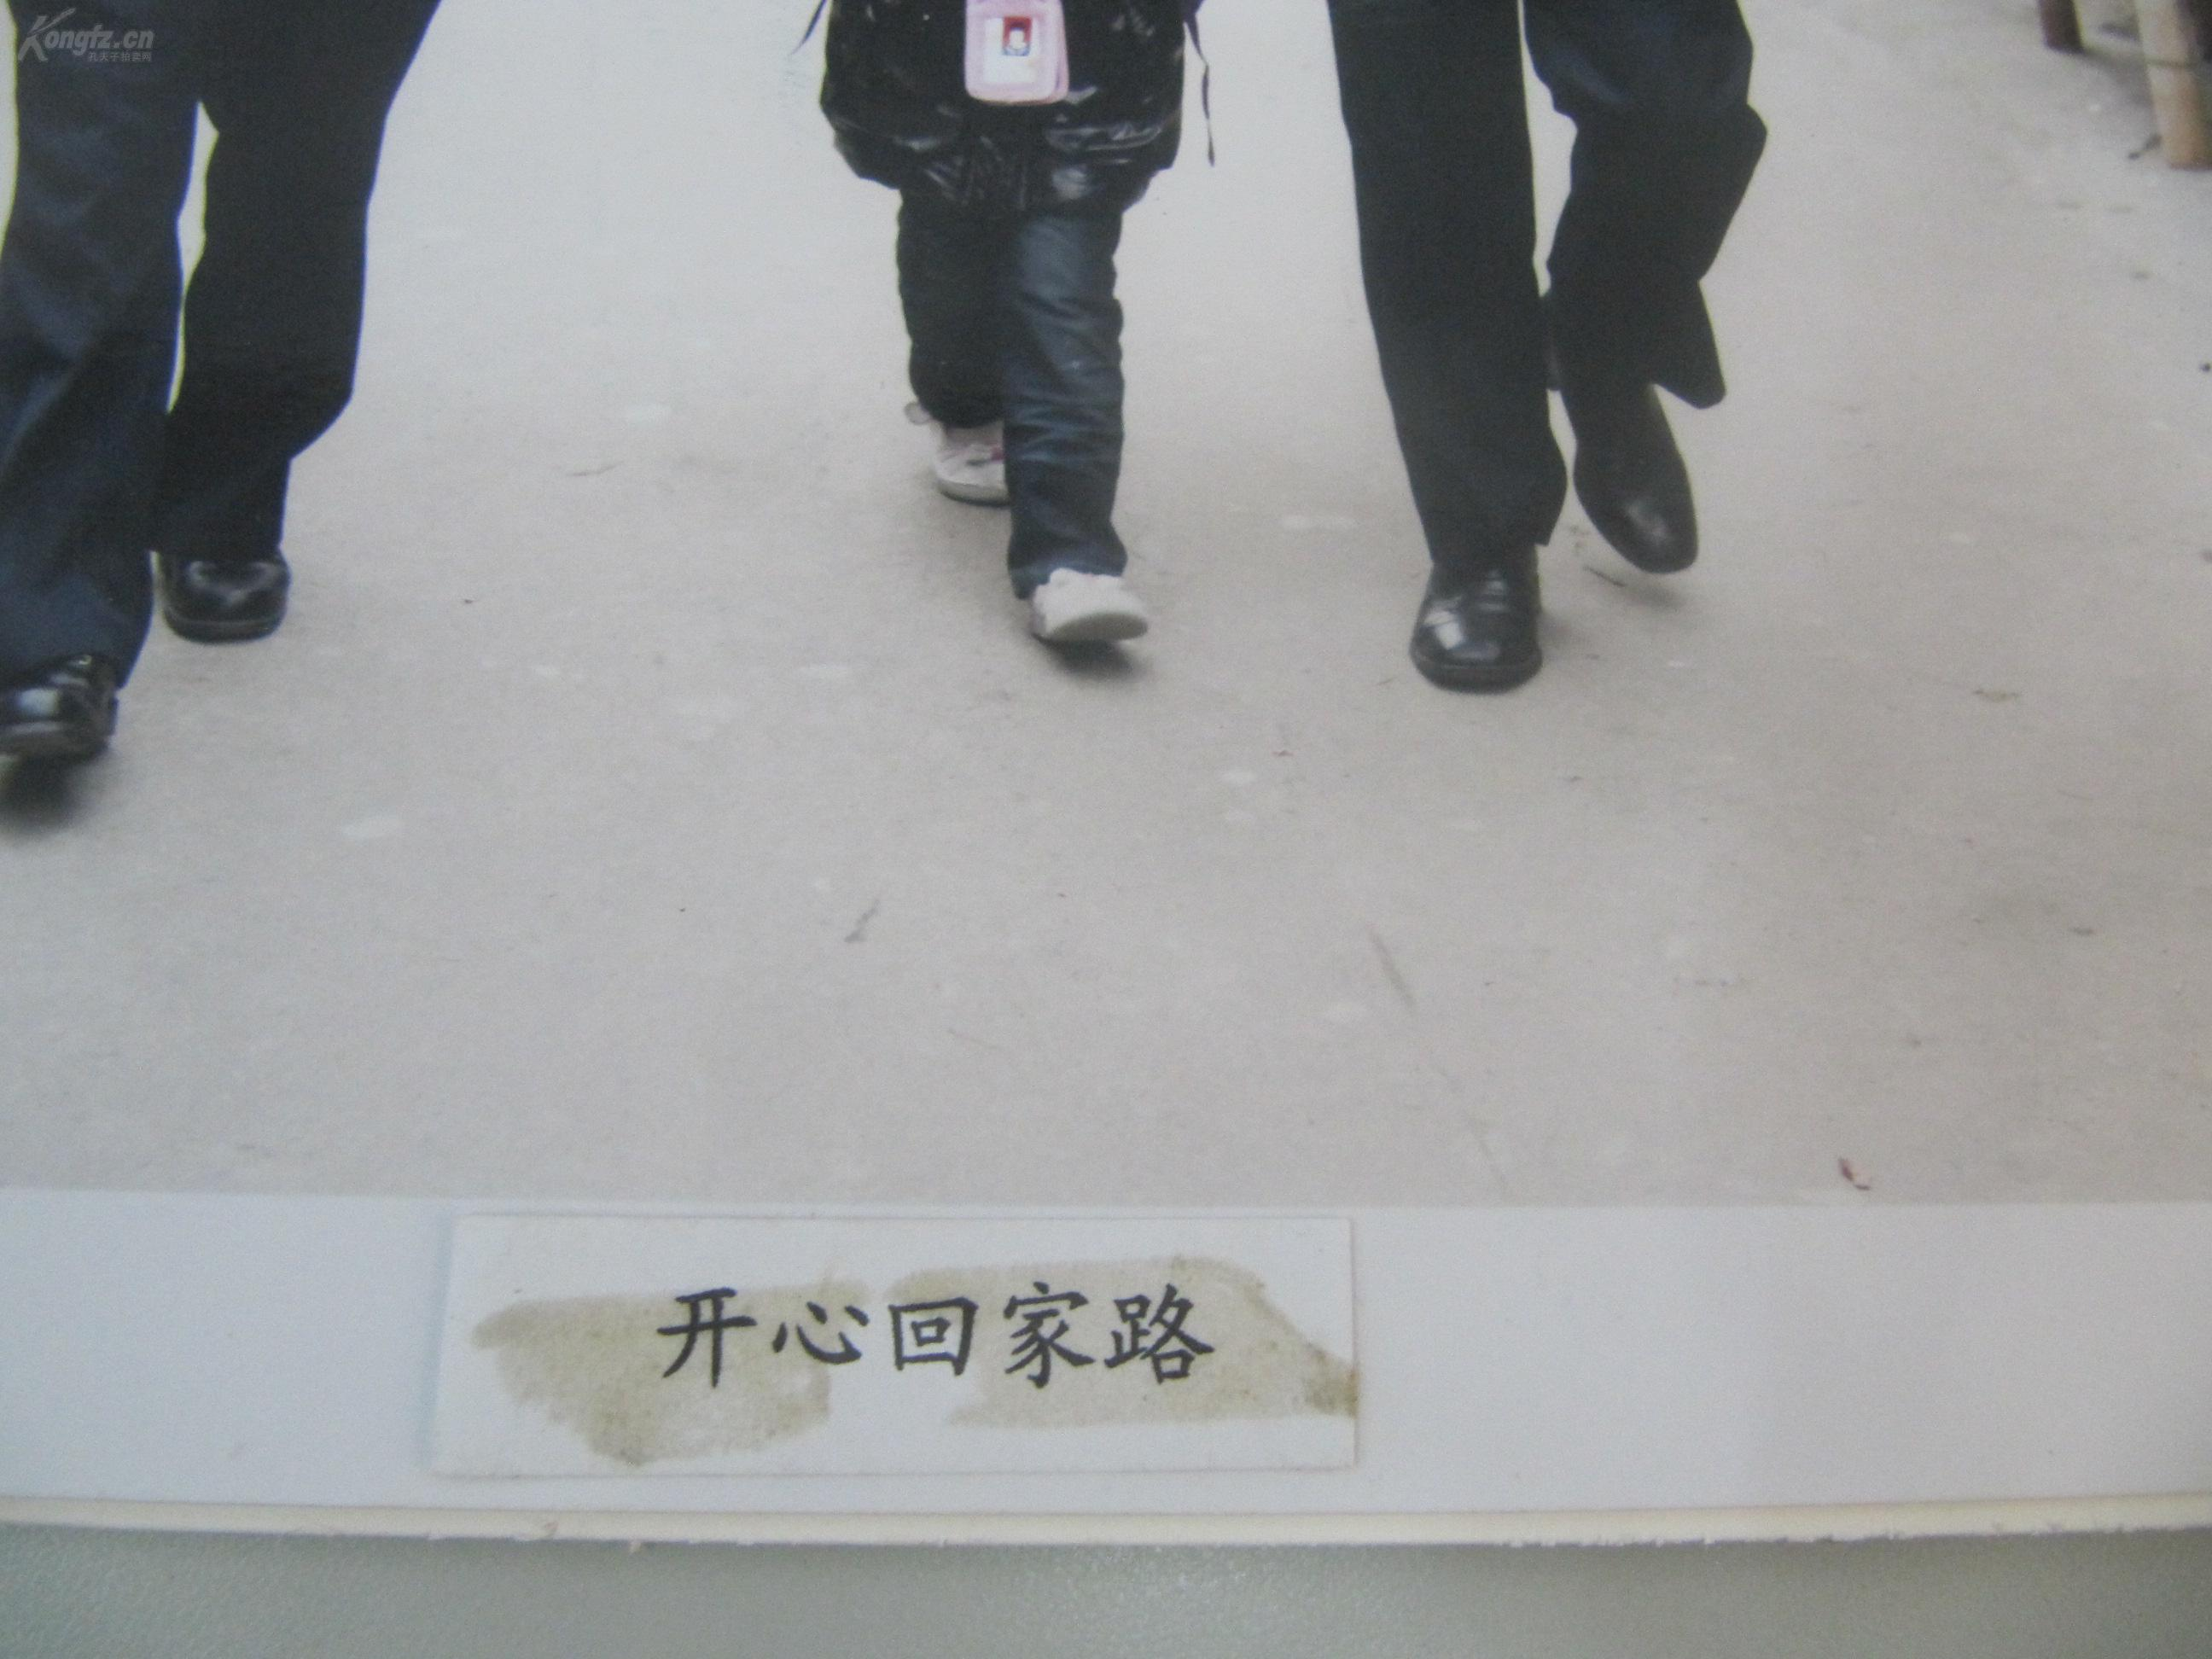 赵淼 军旅摄影照片一张 开心回家 尺寸25 20厘米